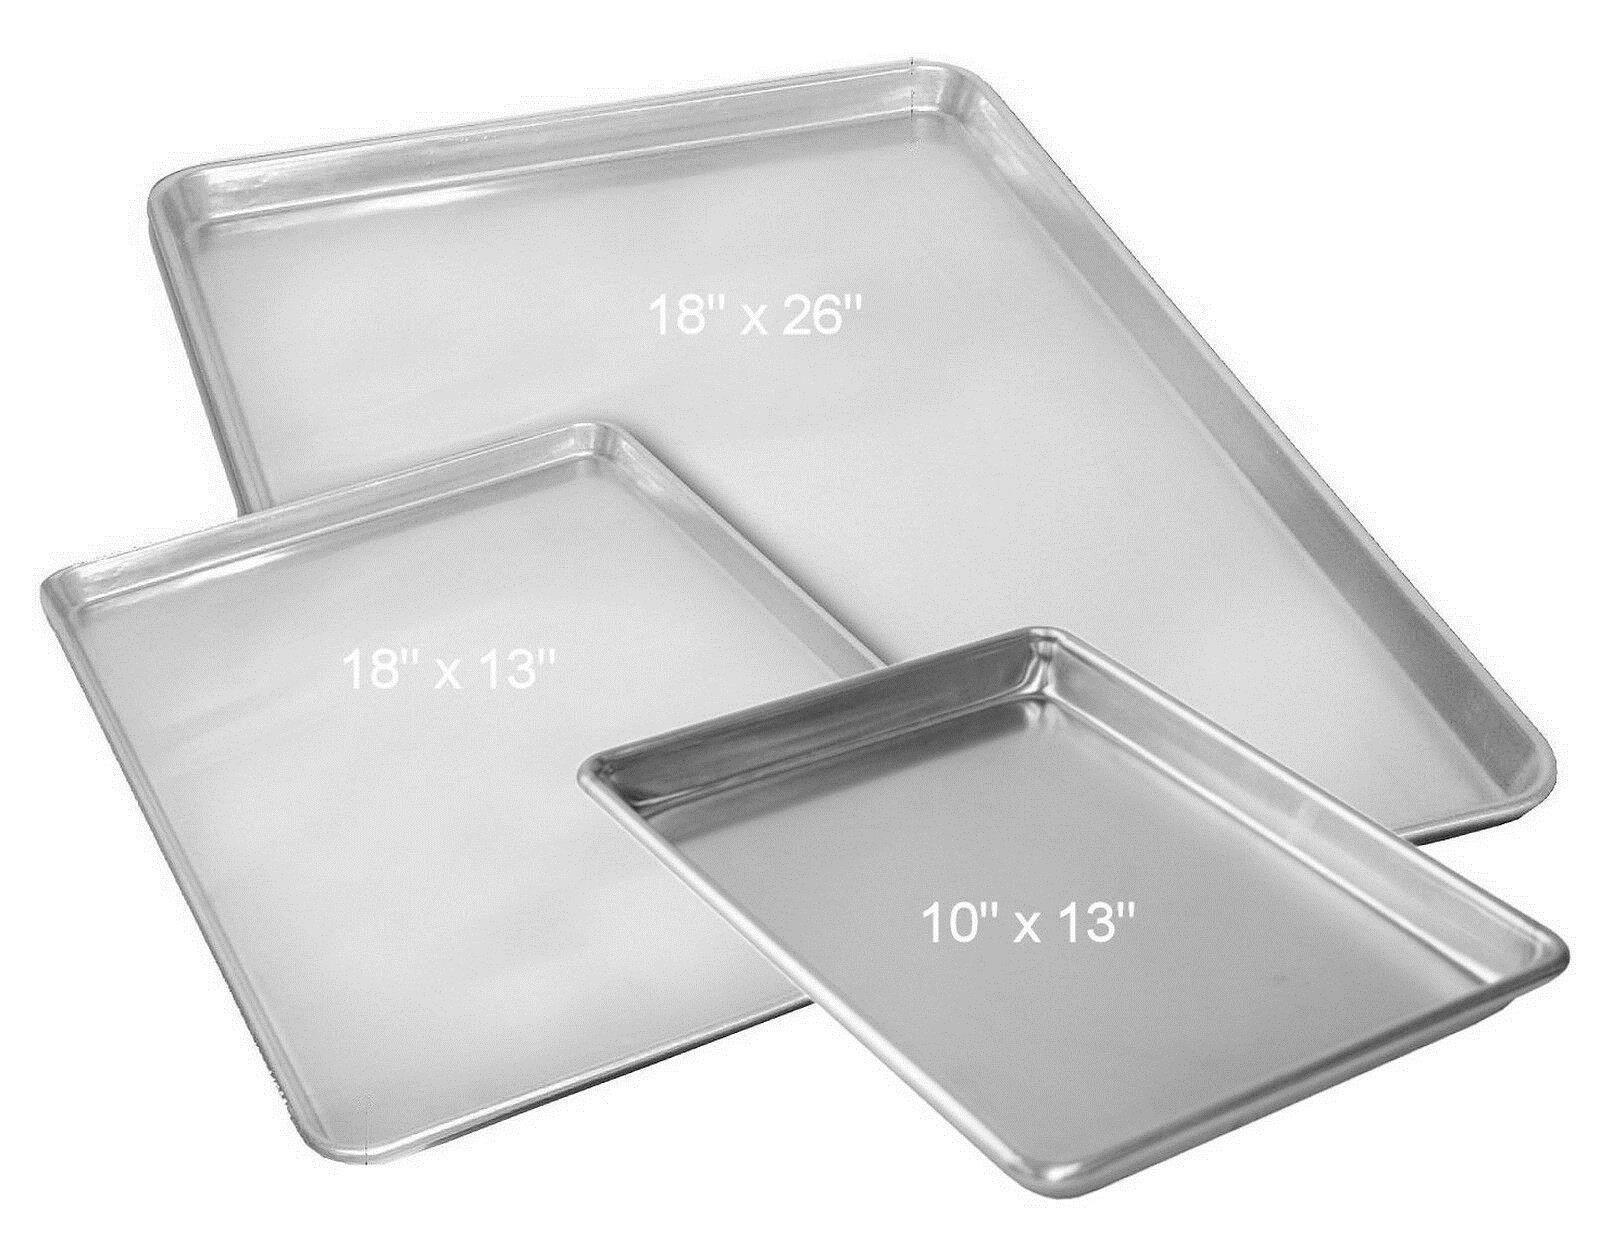 Bakeware 25464 Aluminum Baking Cookie Sheet Bake Pan Quarter Half Full Size 18x26 18x13 10x13 Buy It Now Only 15 85 On Ebay Baking Pans Cookie Sheet Pan